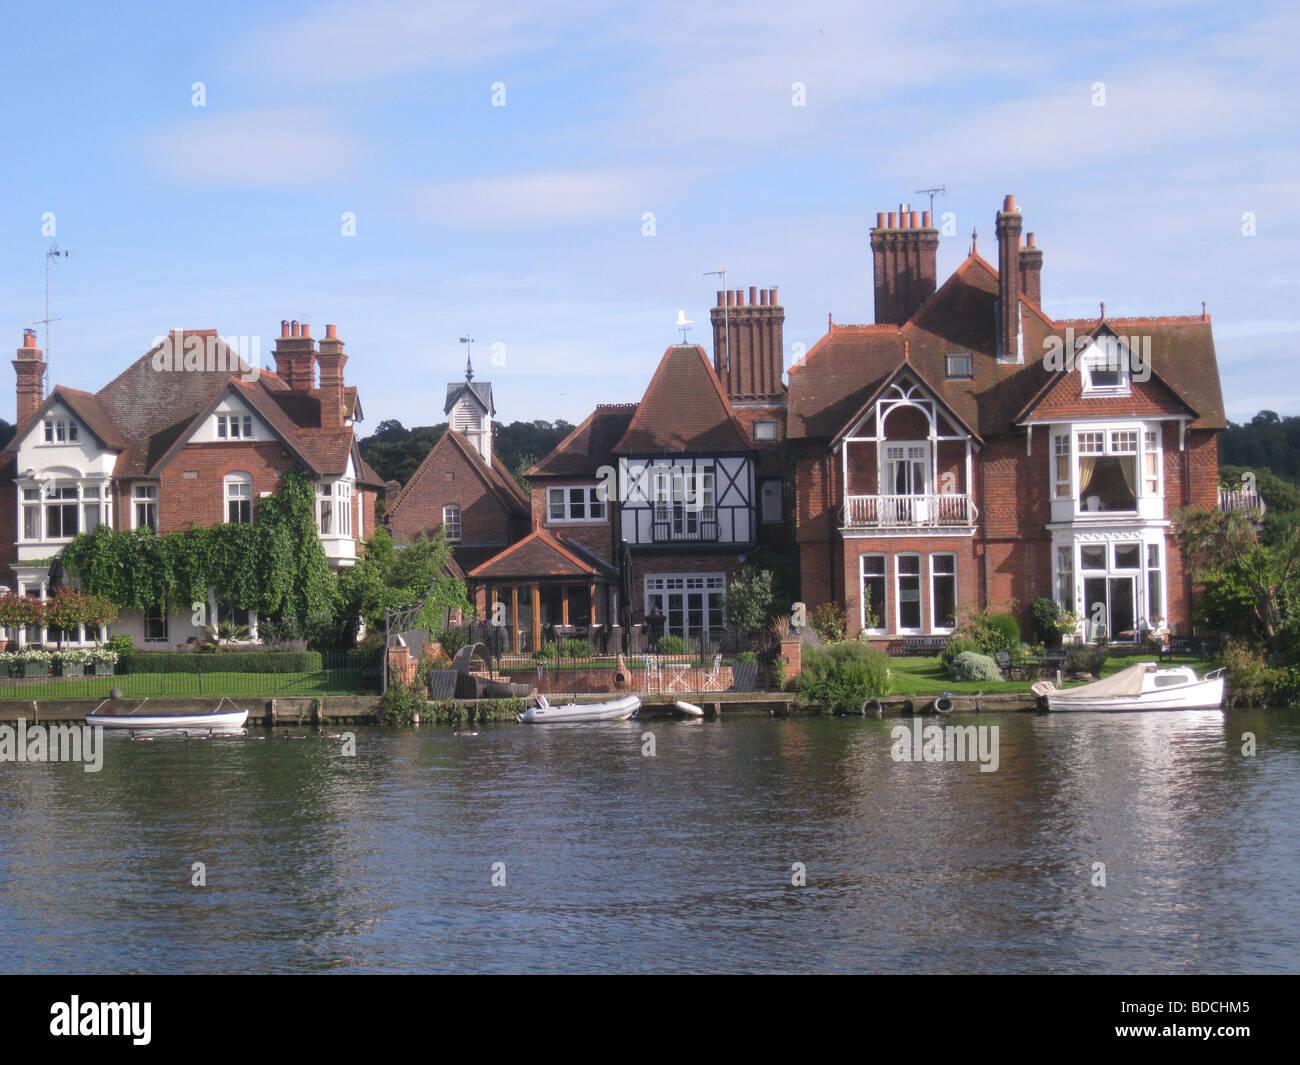 MARLOW, dans le Buckinghamshire. 30 chambres donnant sur la Tamise Photo Stock